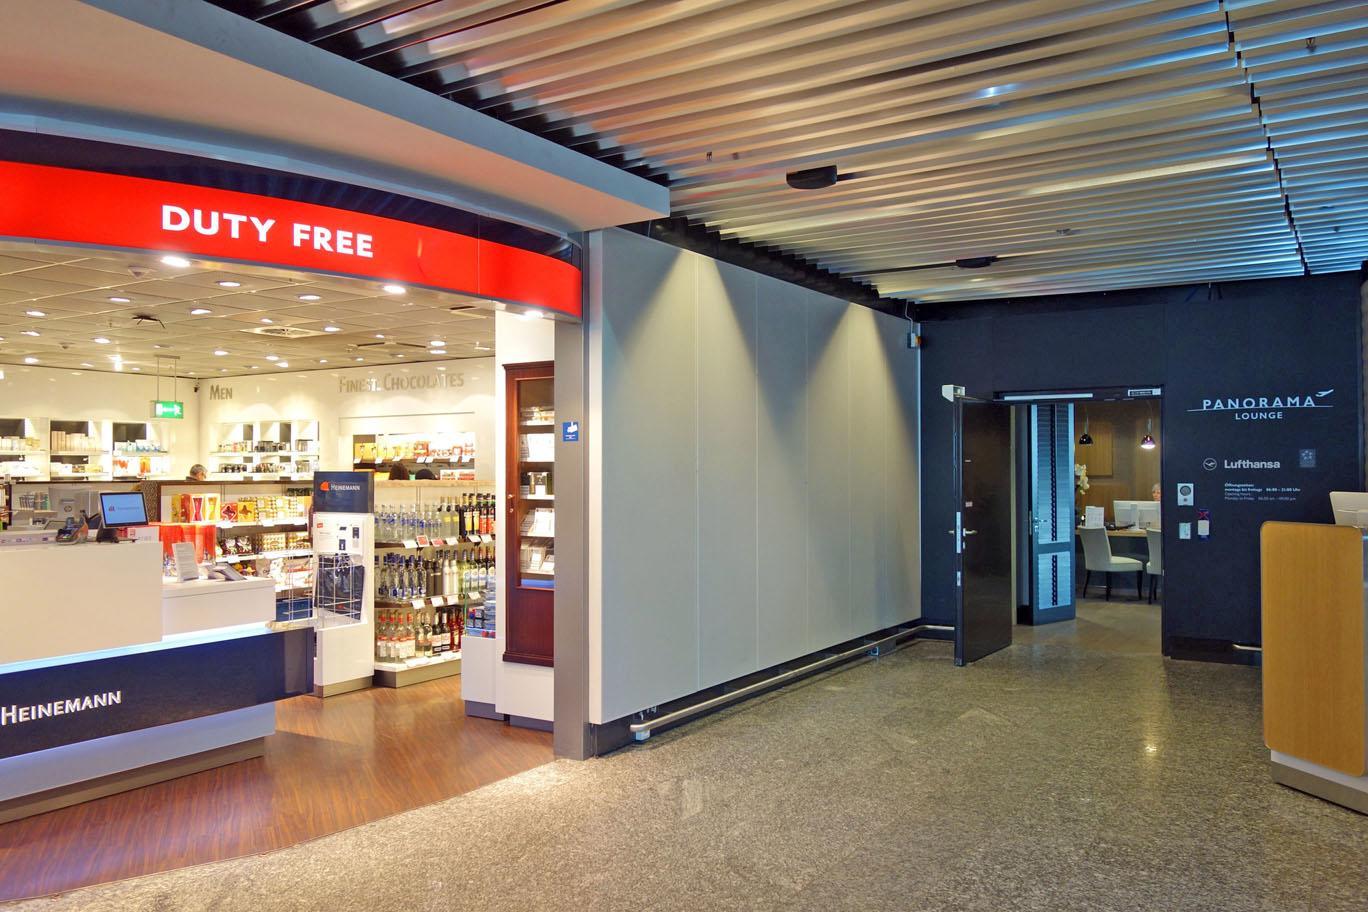 Обзор: Panorama Lounge, Франкфурт